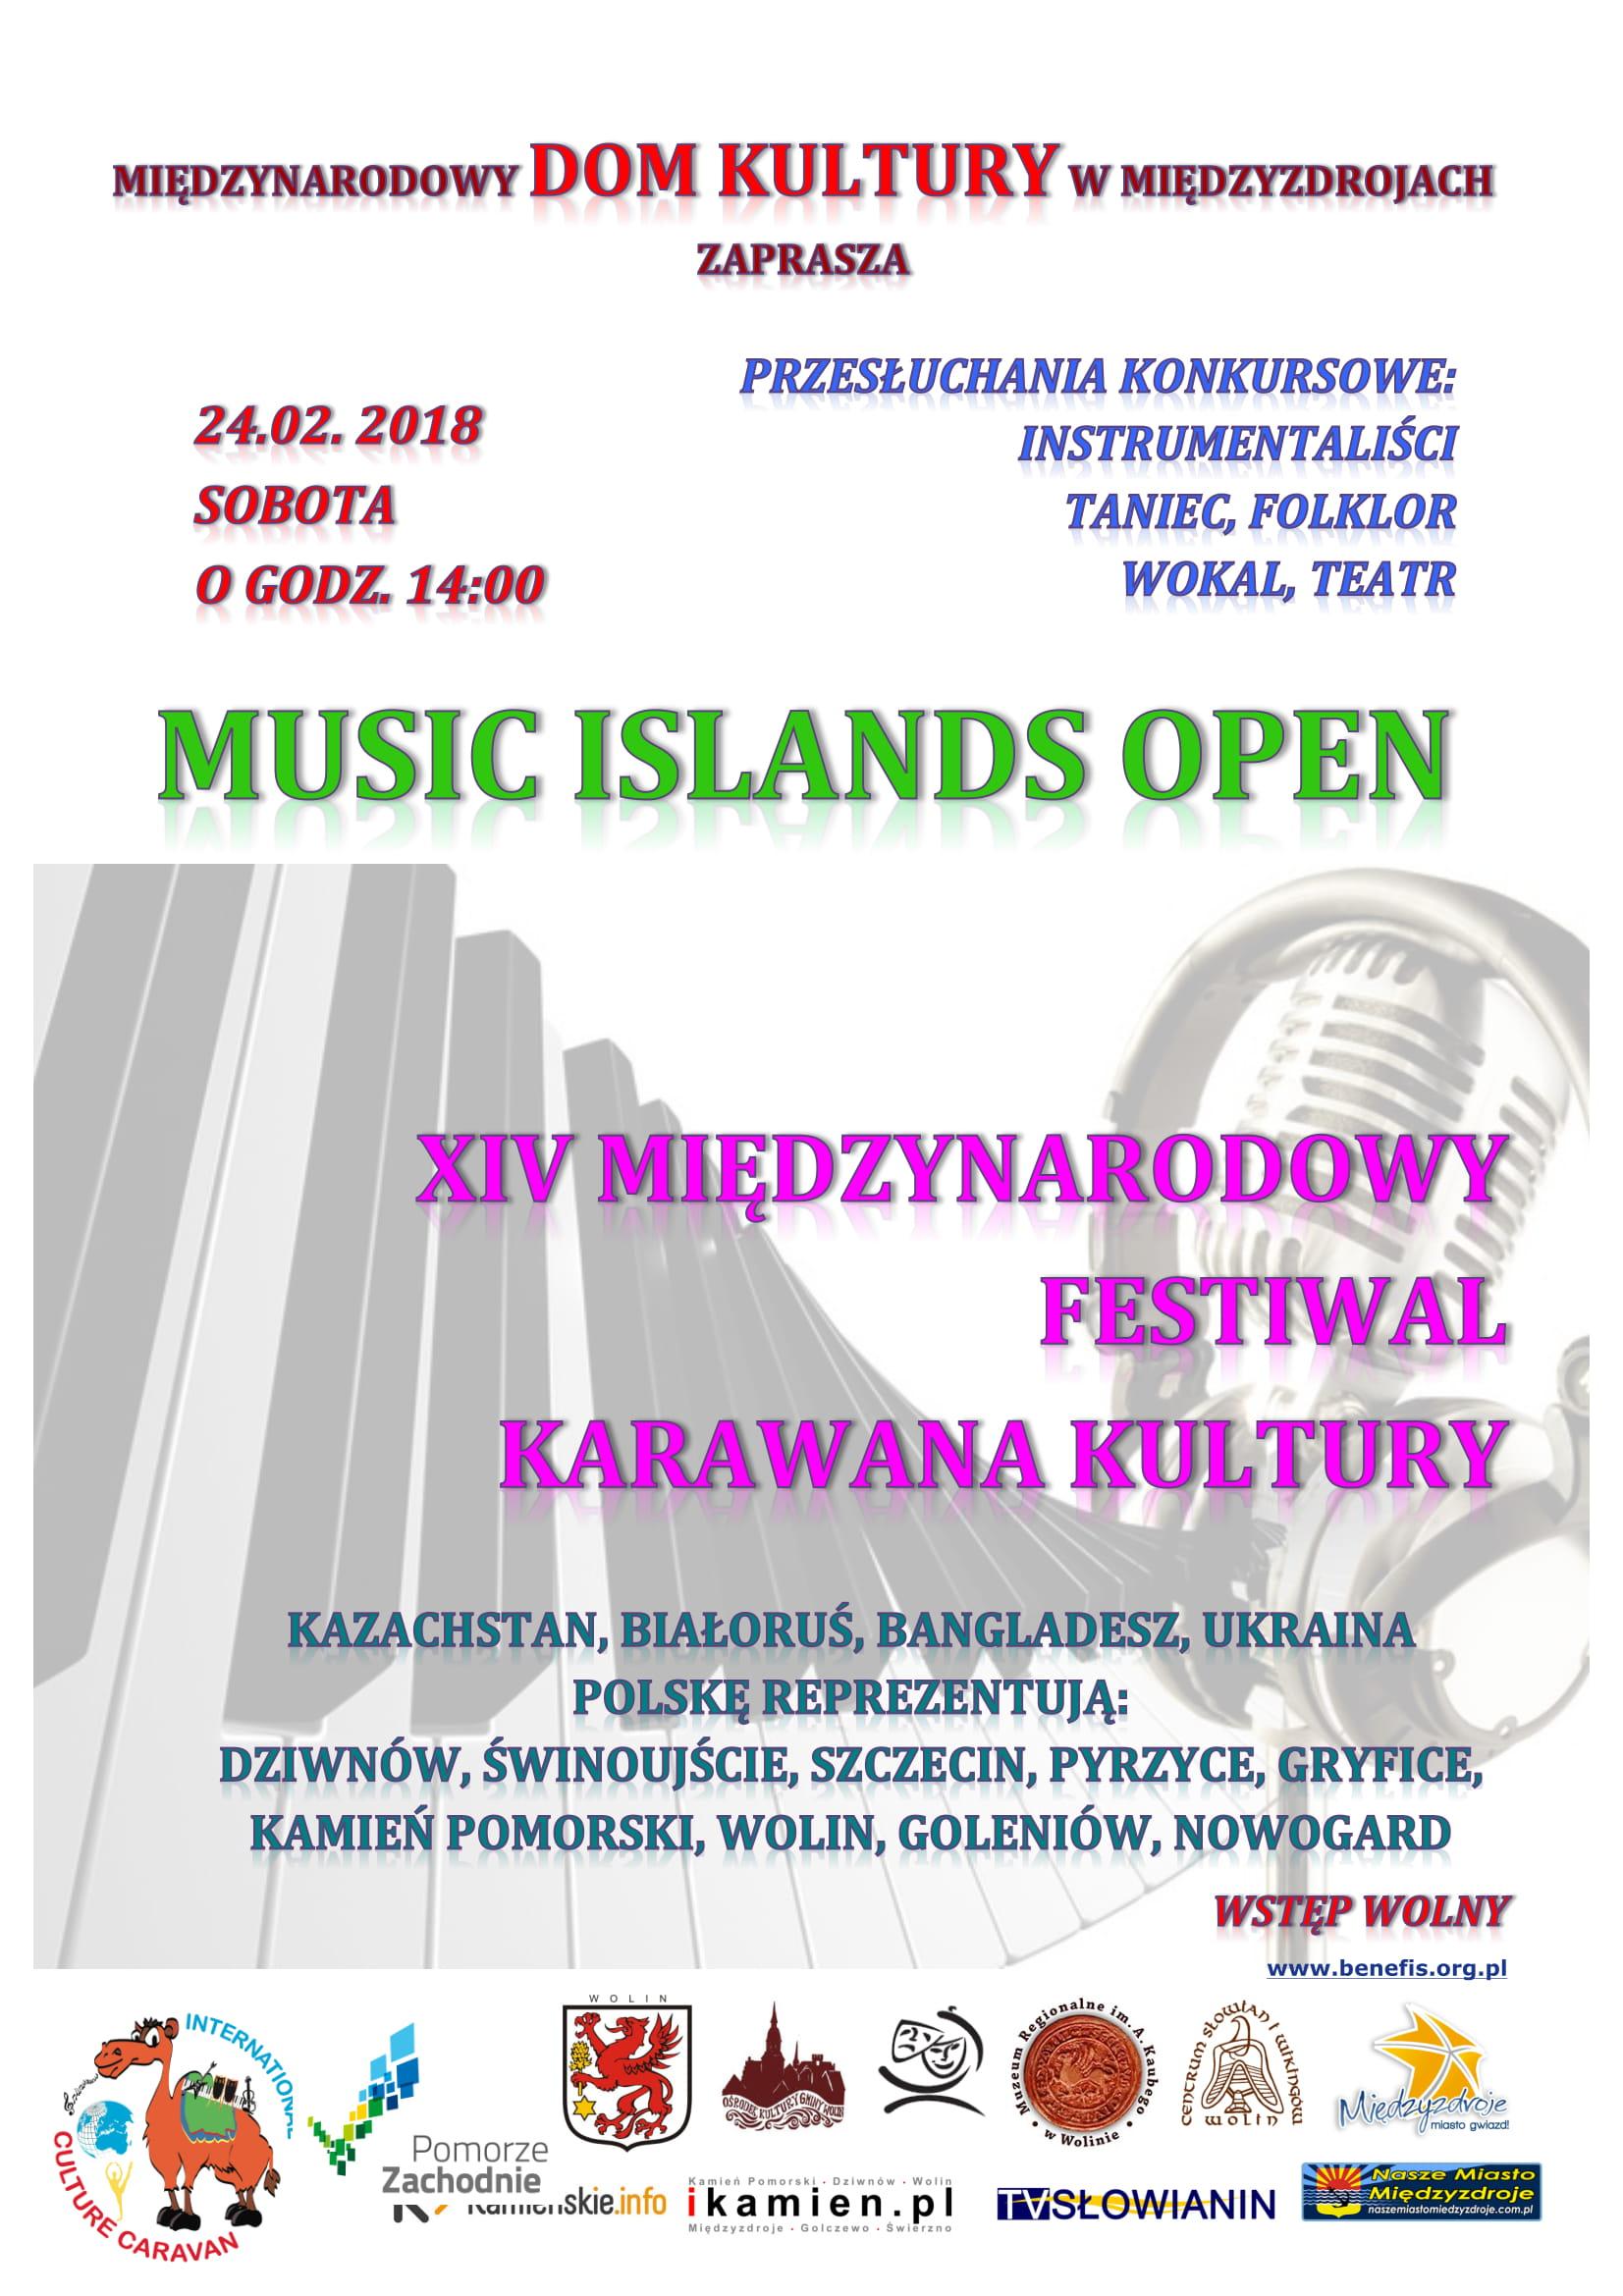 Muzyczne wyspy z Karawaną Kultury